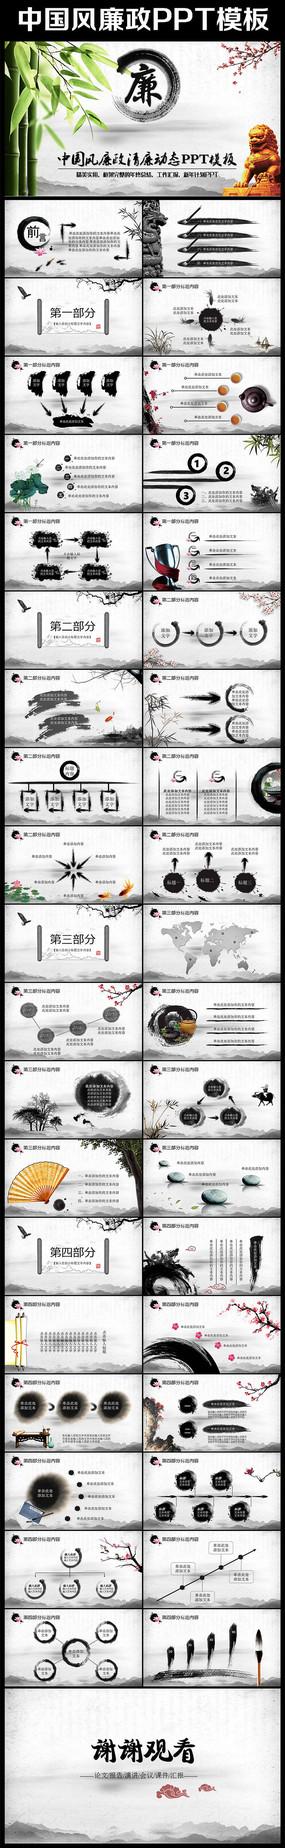 中国风廉政廉洁PPT模板